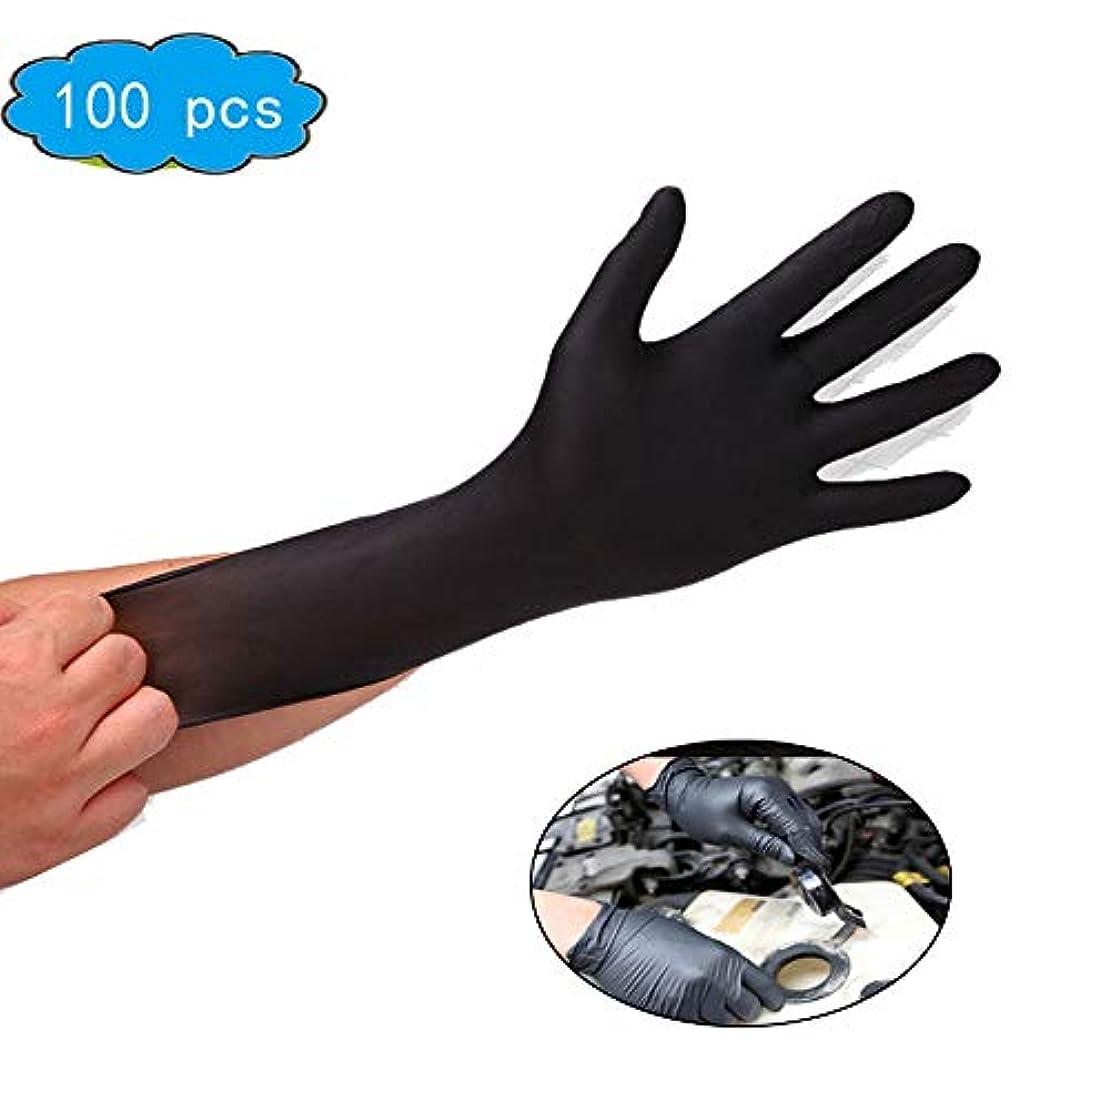 レビュー不条理全体に使い捨てニトリル手袋、6 Mil、黒、サイズL、厚く、1パックあたり100個、工具と家庭の改善、家庭用クリーニンググローブ (Color : Black, Size : L)